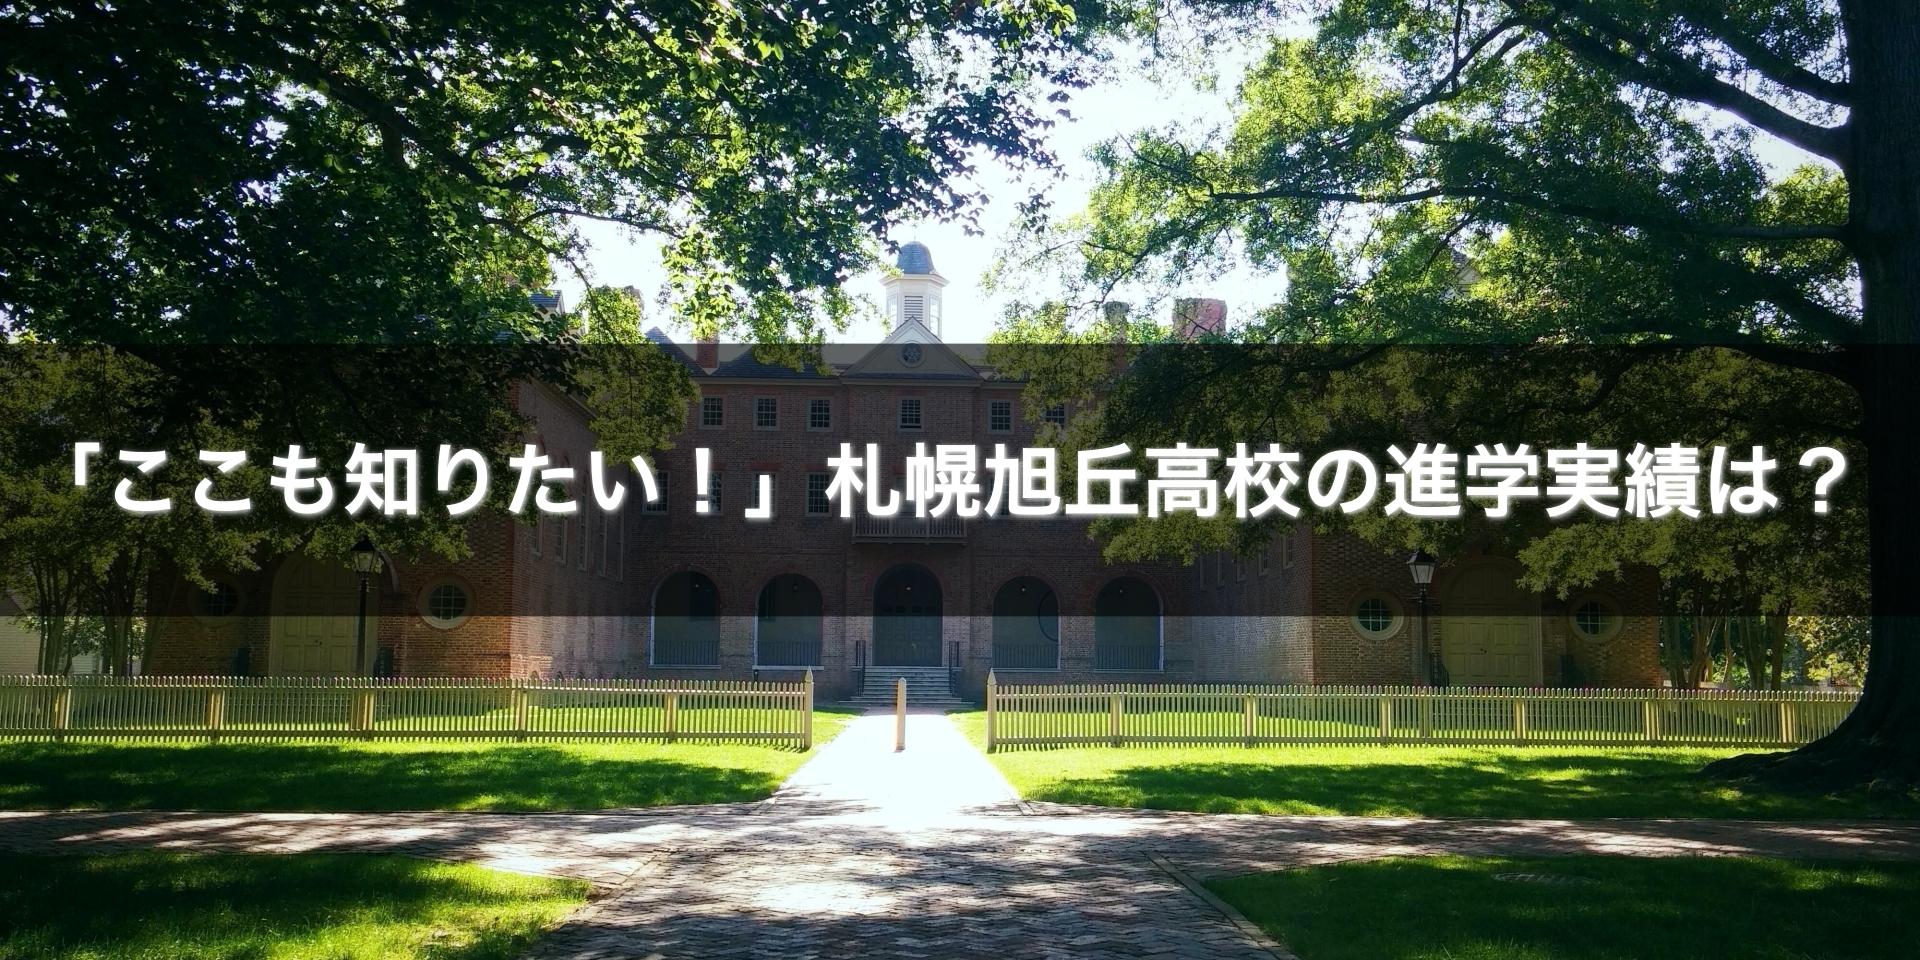 「ここも知りたい!」札幌旭丘高校の進学実績は?